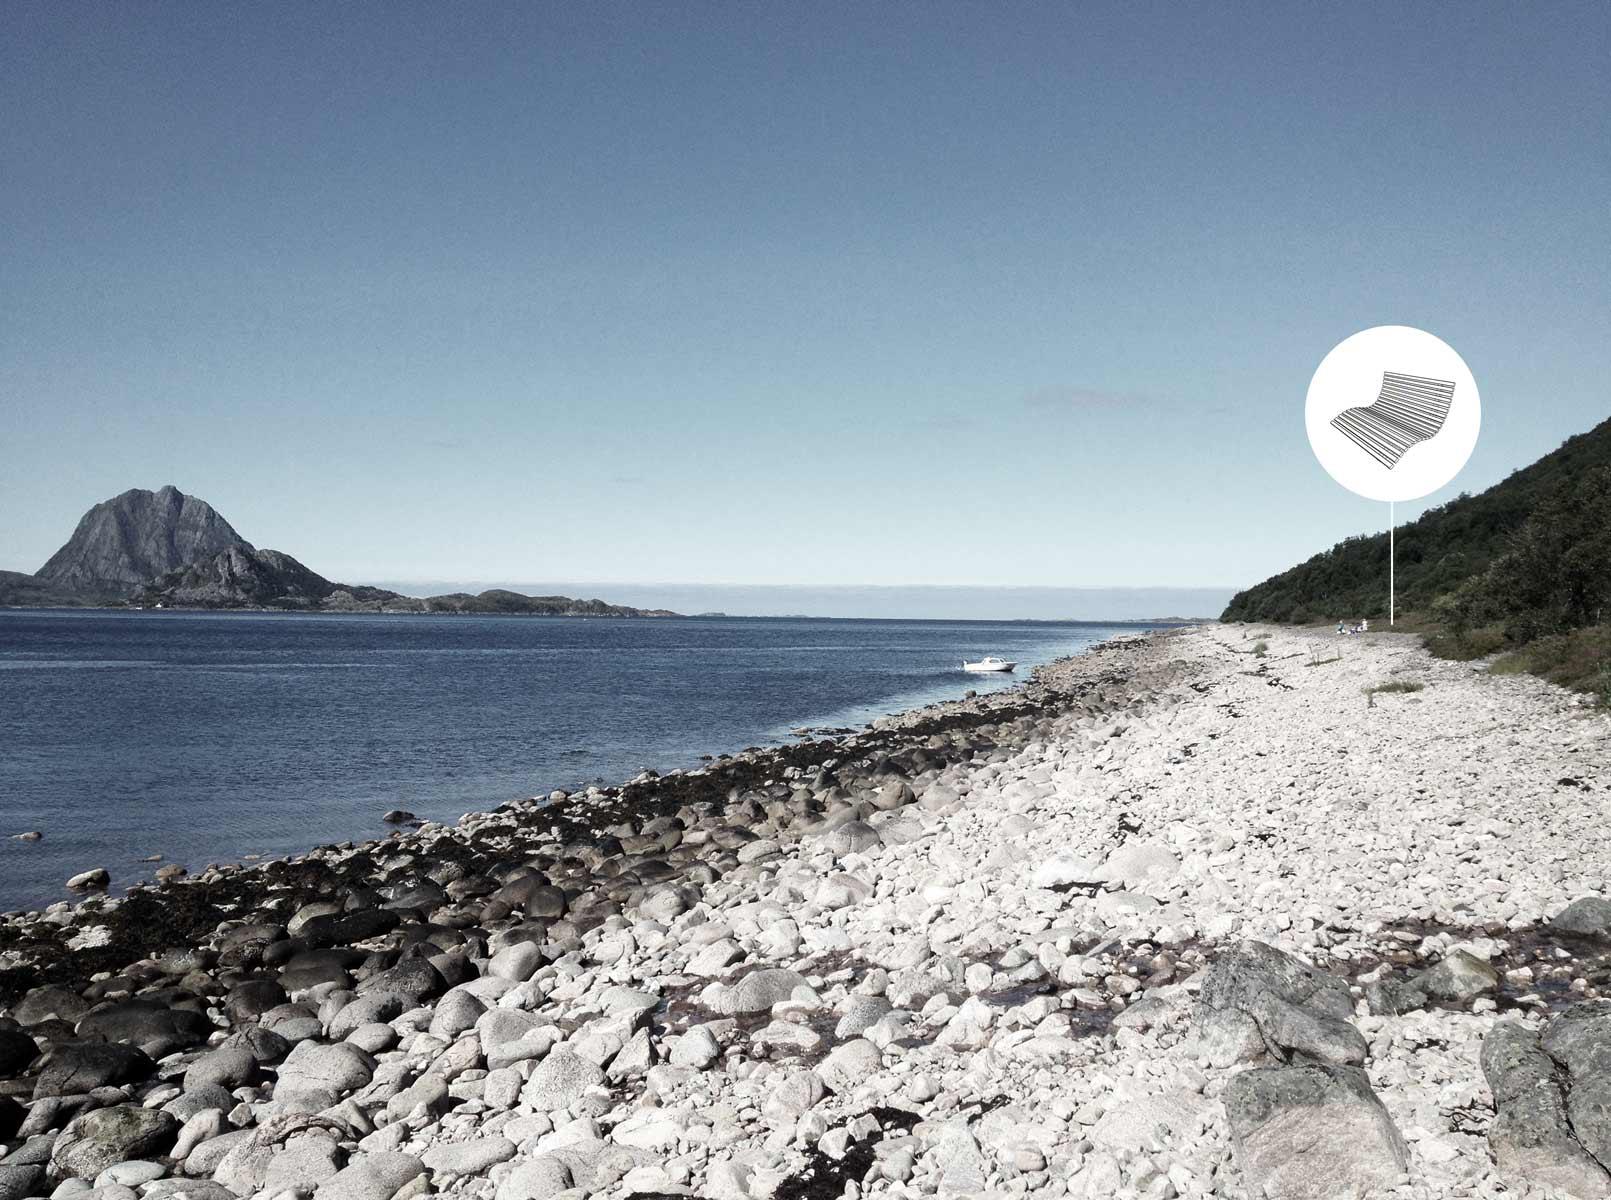 naturliege-hangsofa-liege-naturschutzgebiet-wanderliege-holzliege